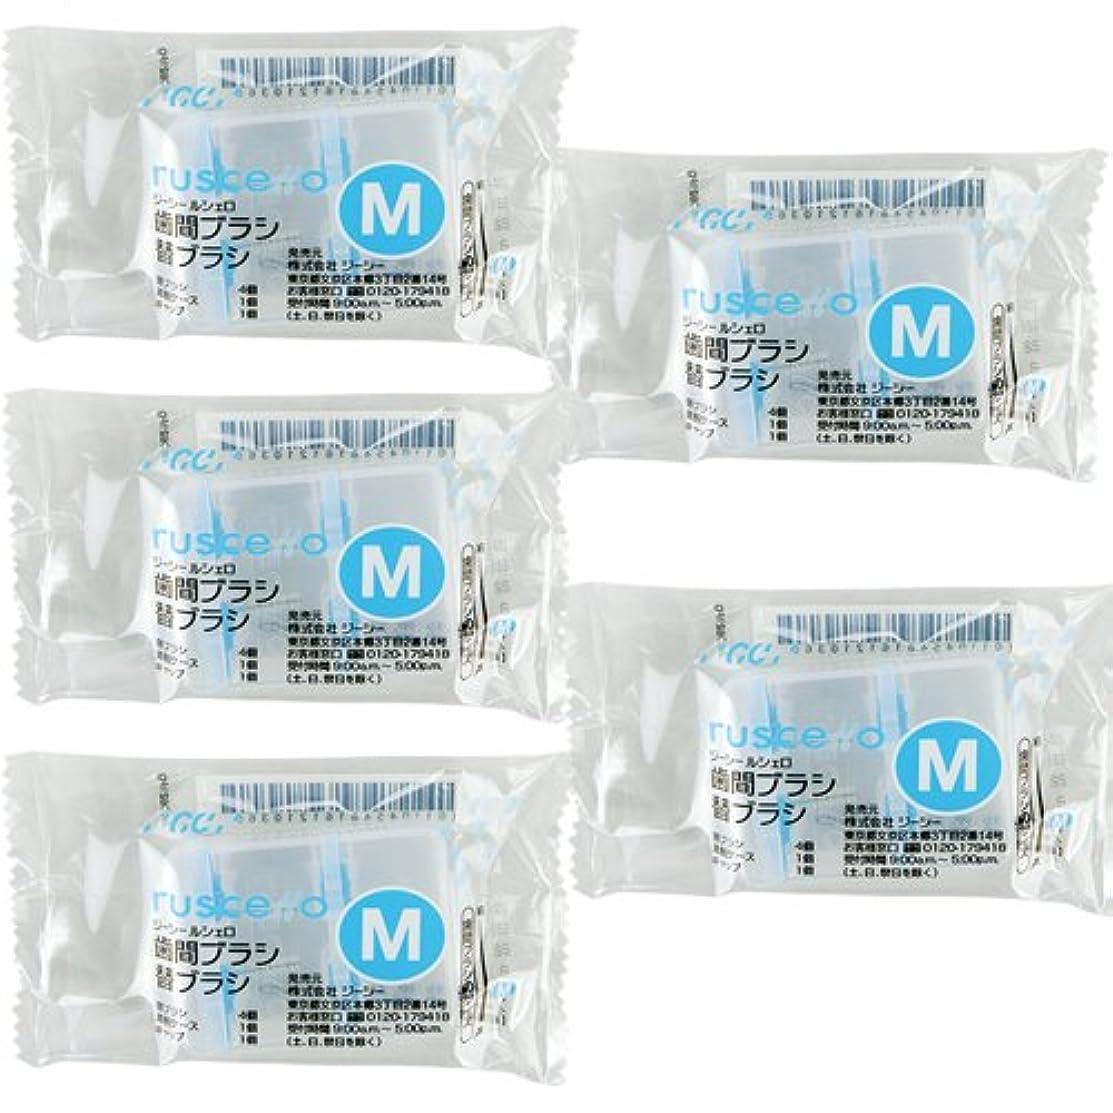 不透明なアルミニウム同志GC ジーシー ルシェロ歯間ブラシ 替えブラシ(4個入) × 5個セット M